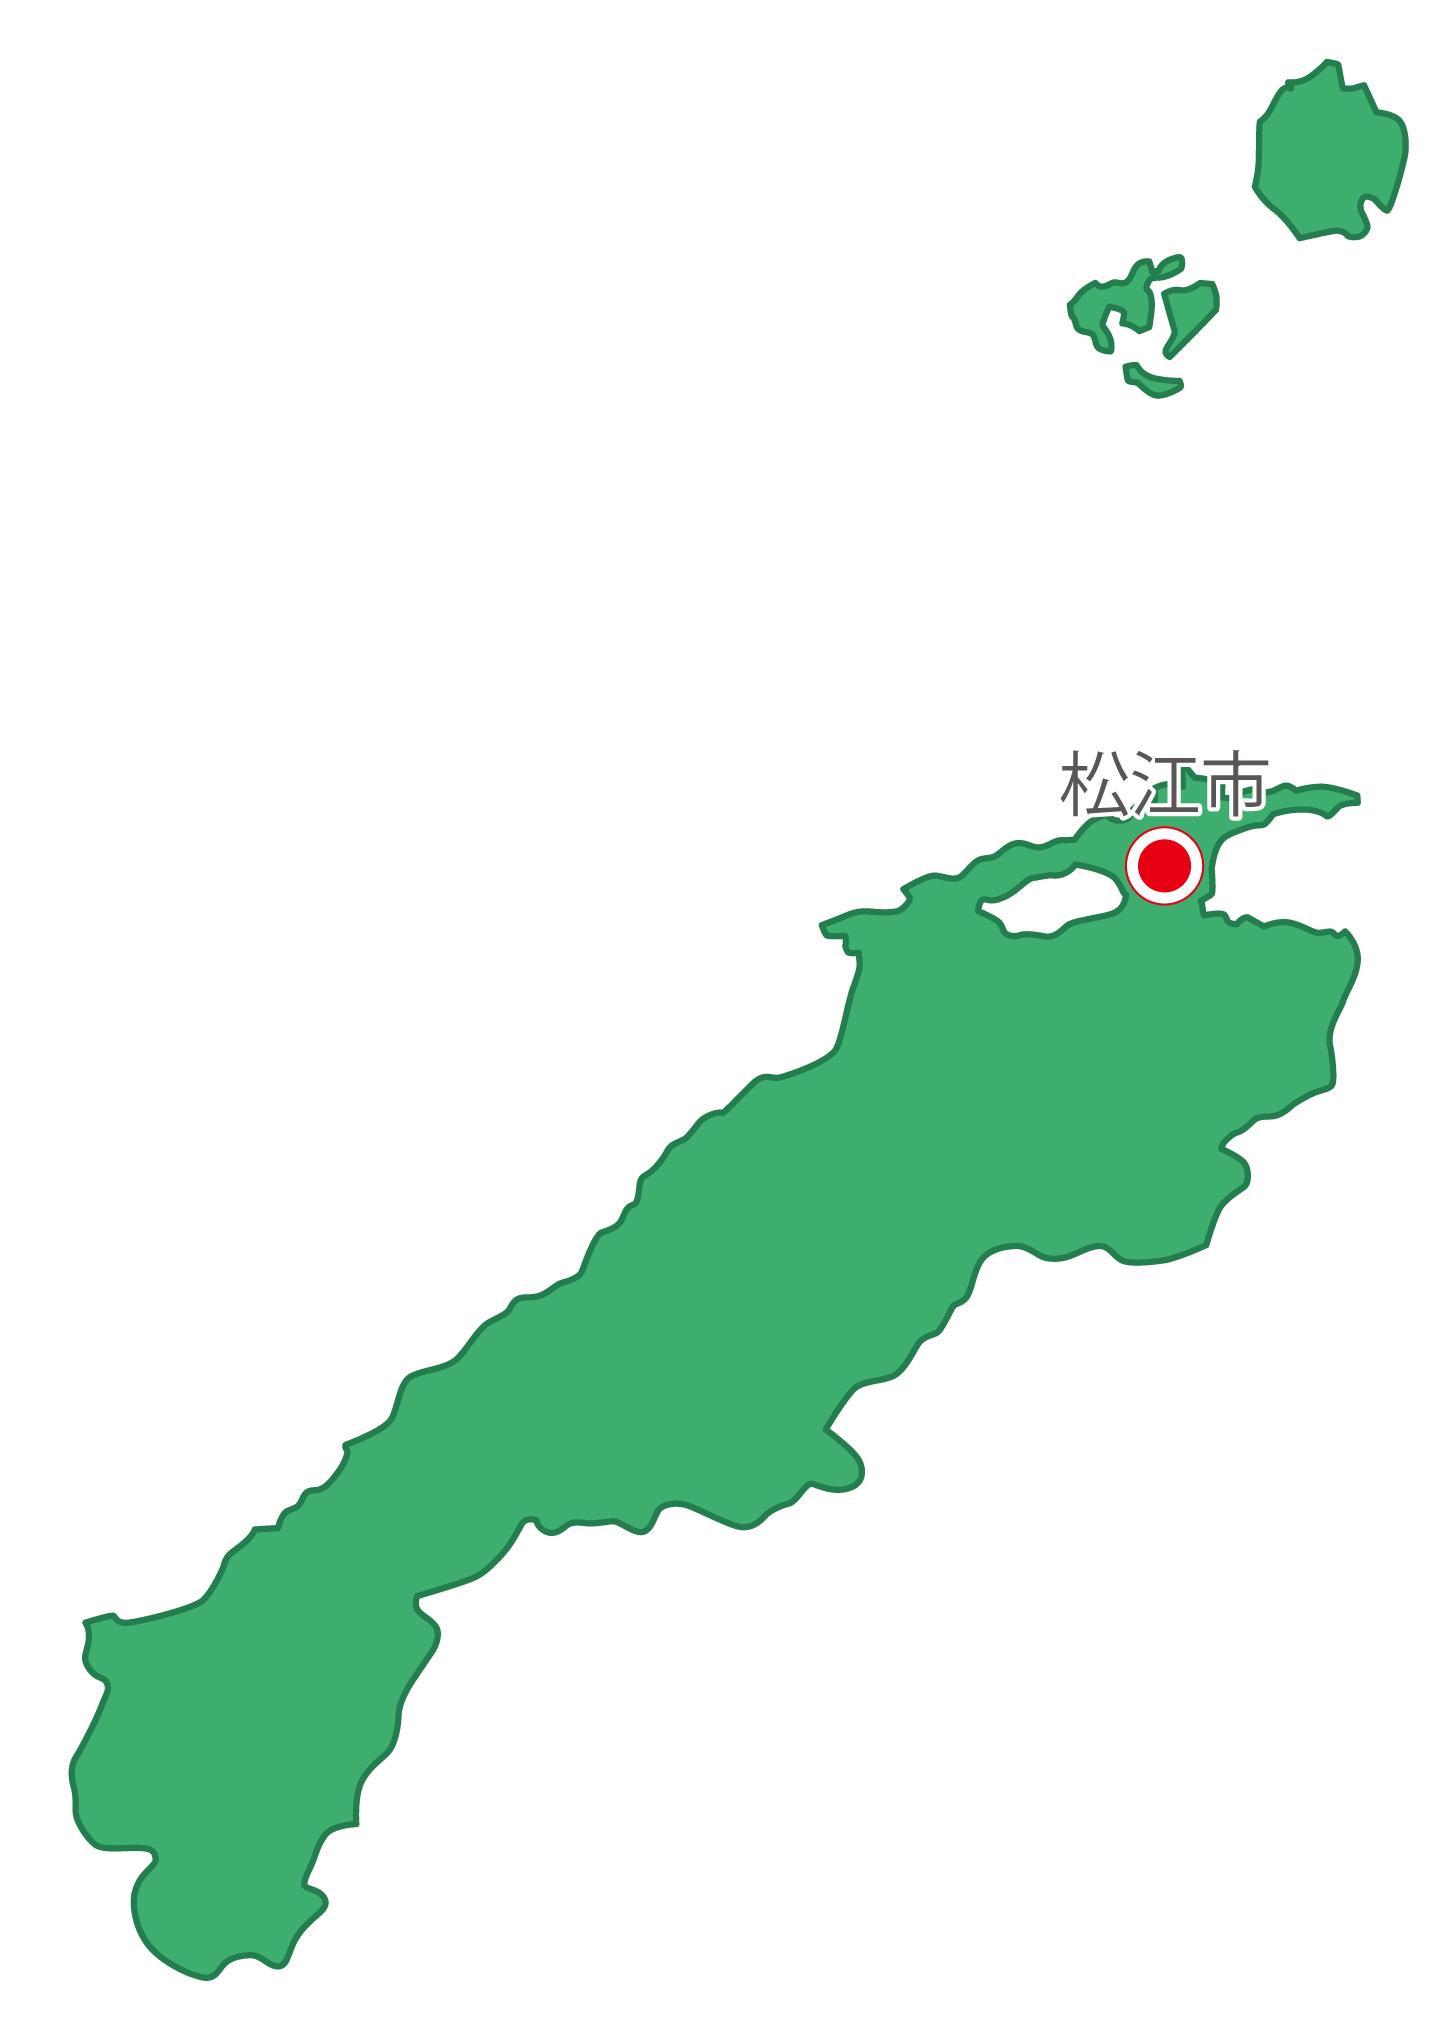 島根県無料フリーイラスト|日本語・県庁所在地あり(緑)